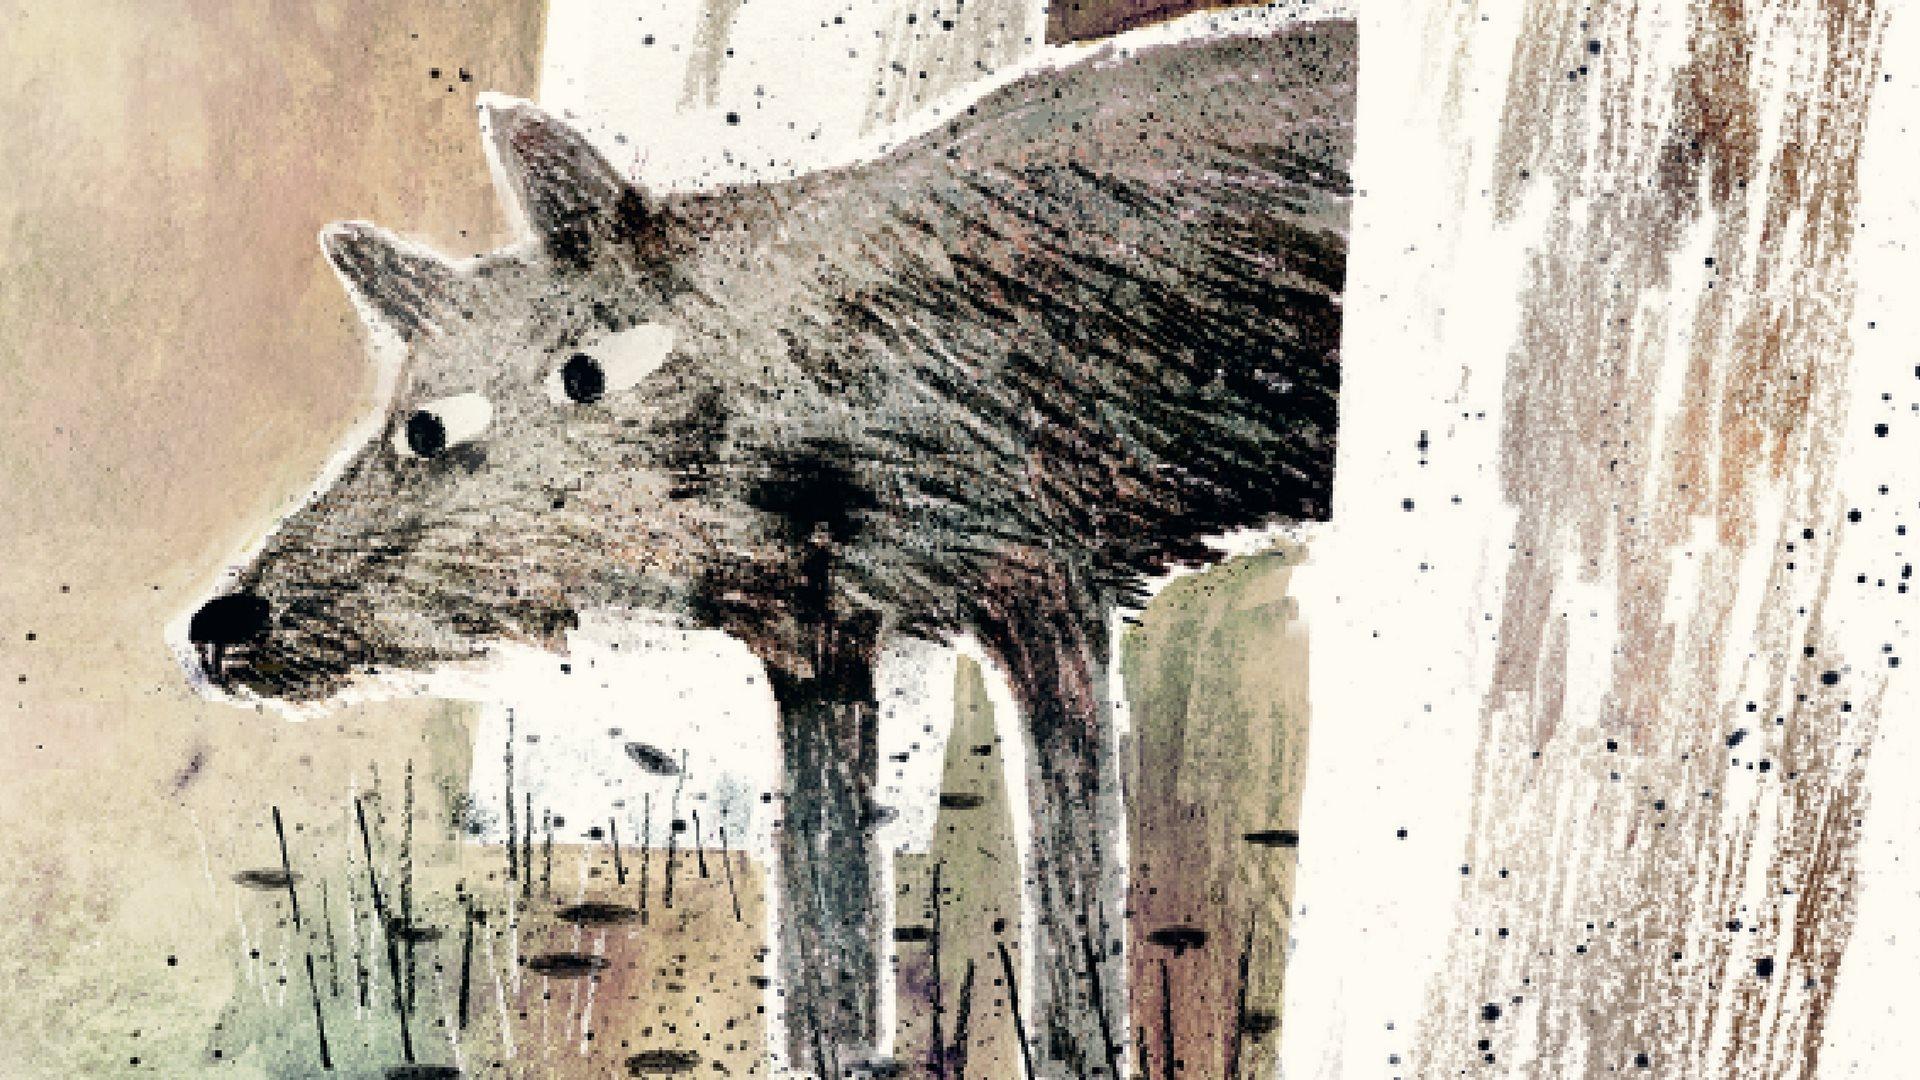 Ulven er løs, ulv, ulven, højtlæsning, sebastian klein, børnebøger, fakta om ulven